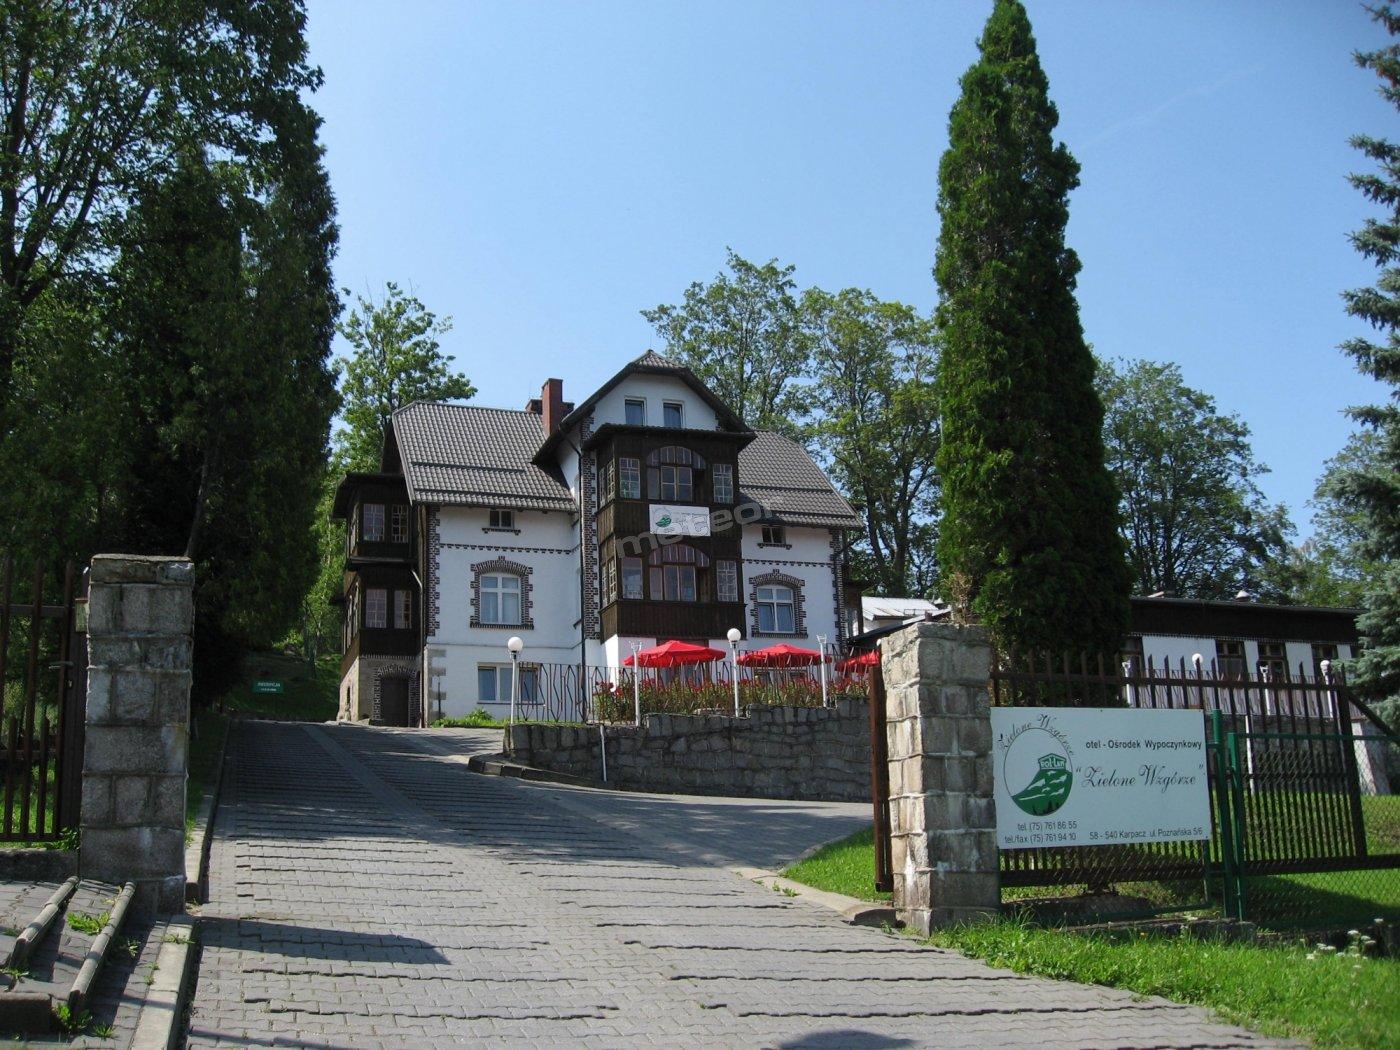 Ośrodek Wypoczynkowy  Zielone Wzgórze